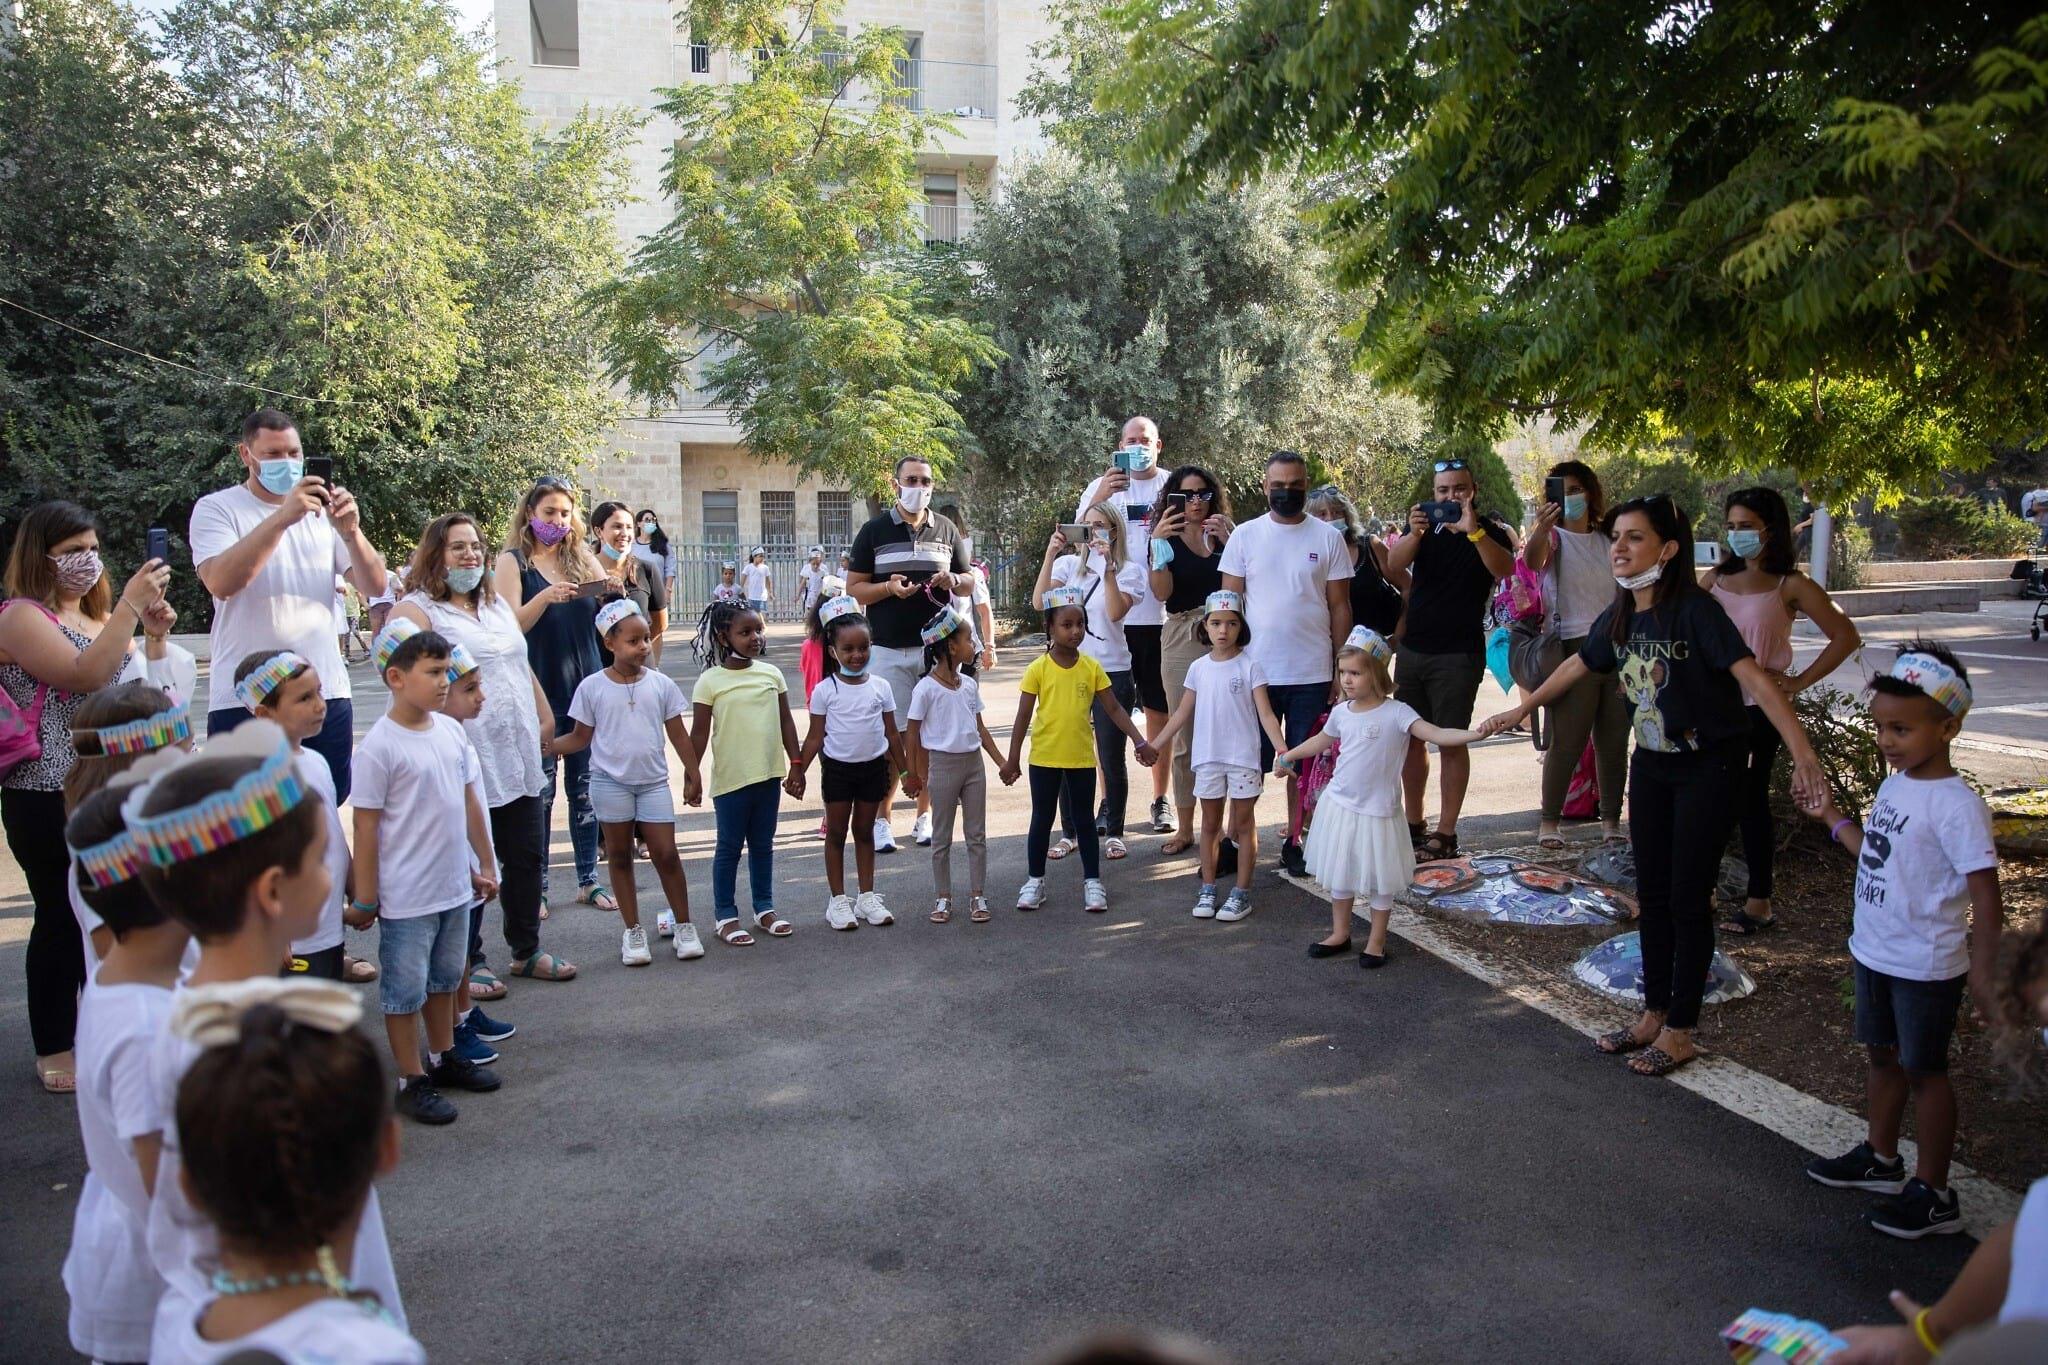 школа иерусалим израиль фото